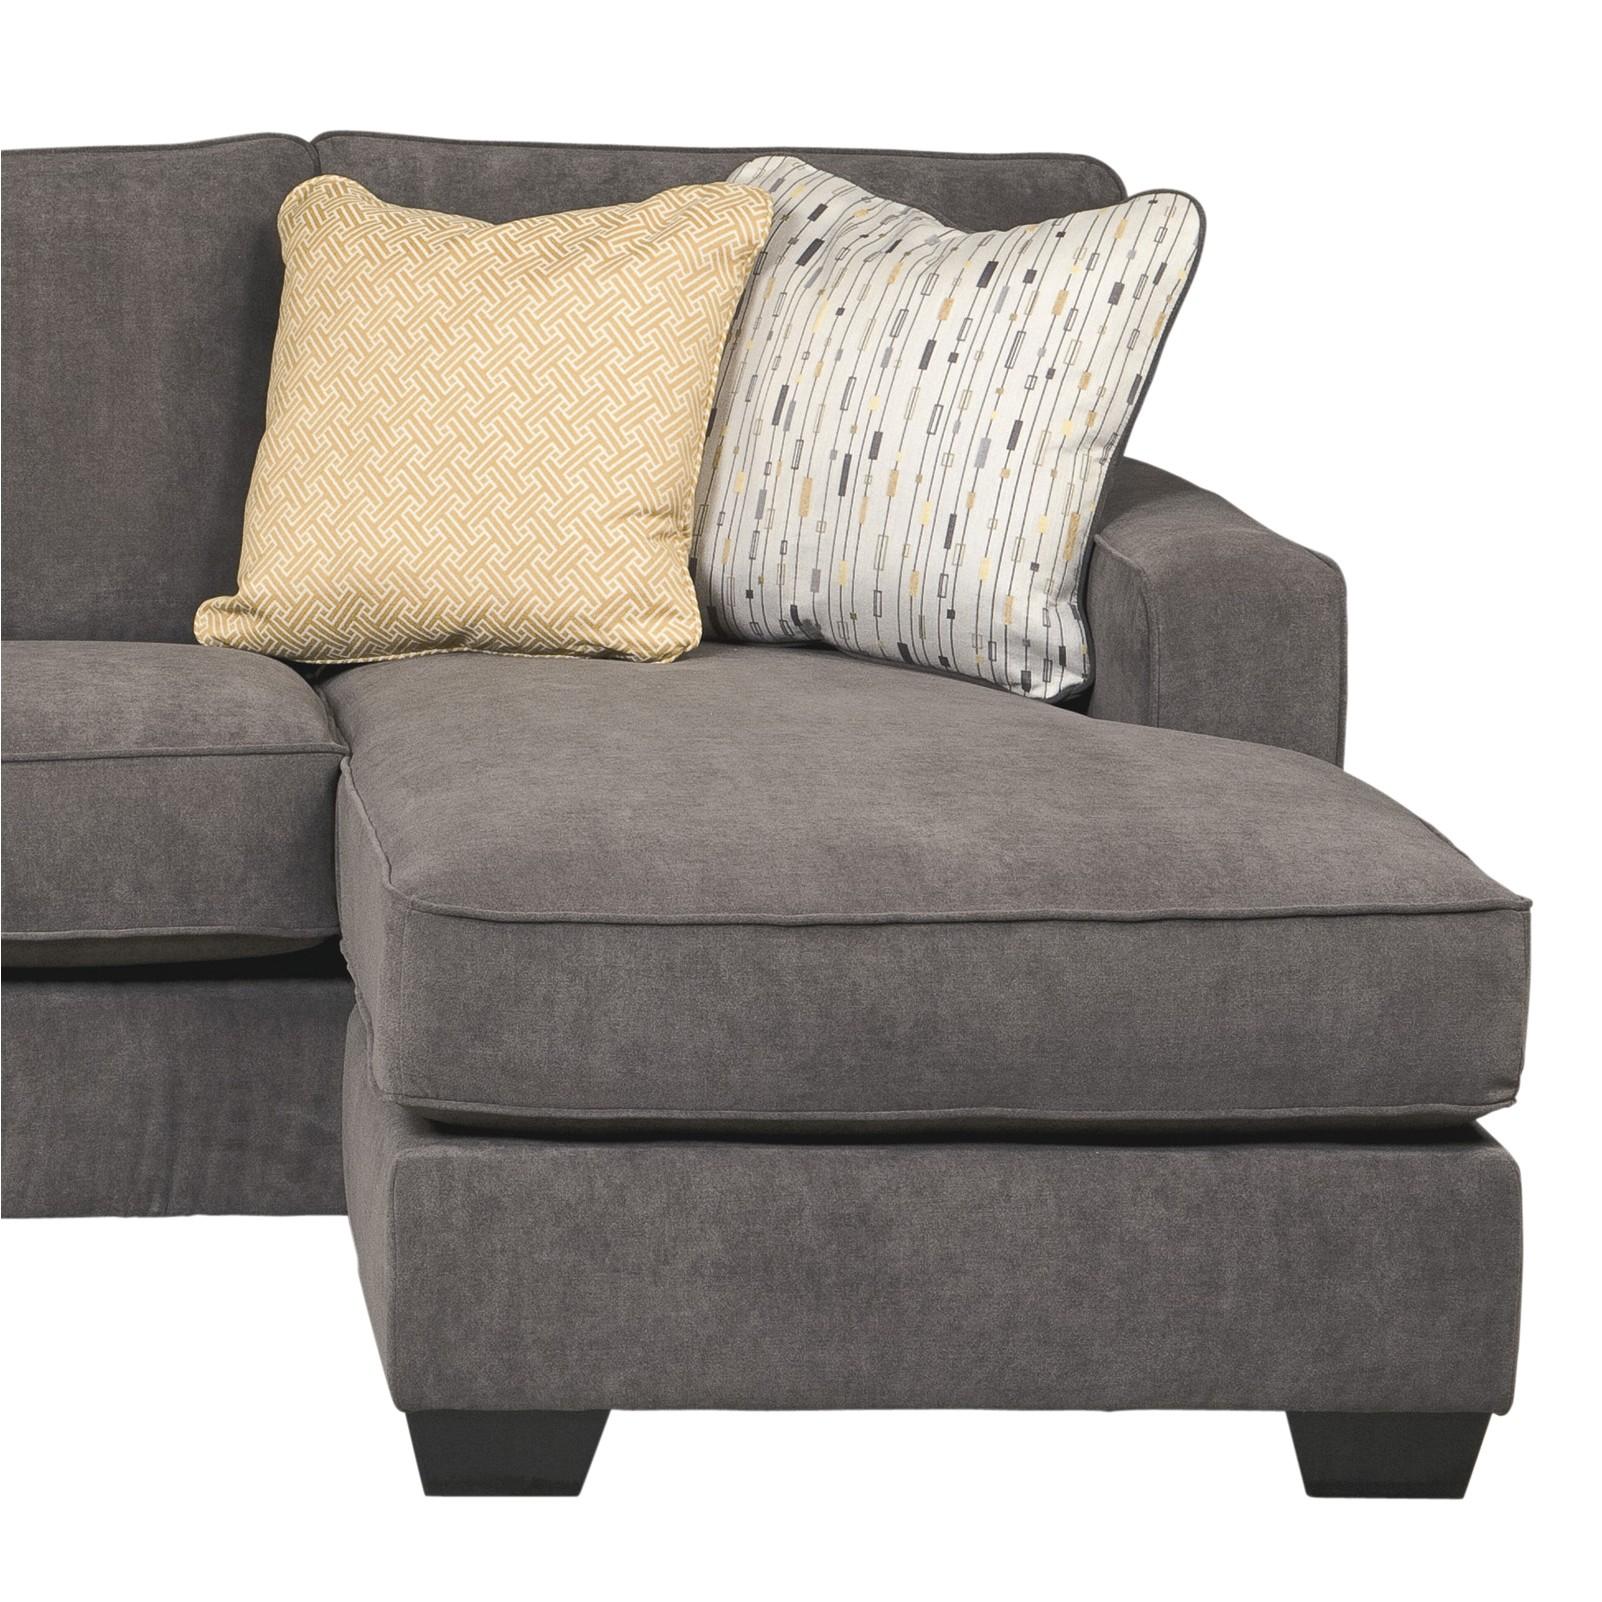 mercer41 kessel reversible chaise sectional mrcr7110